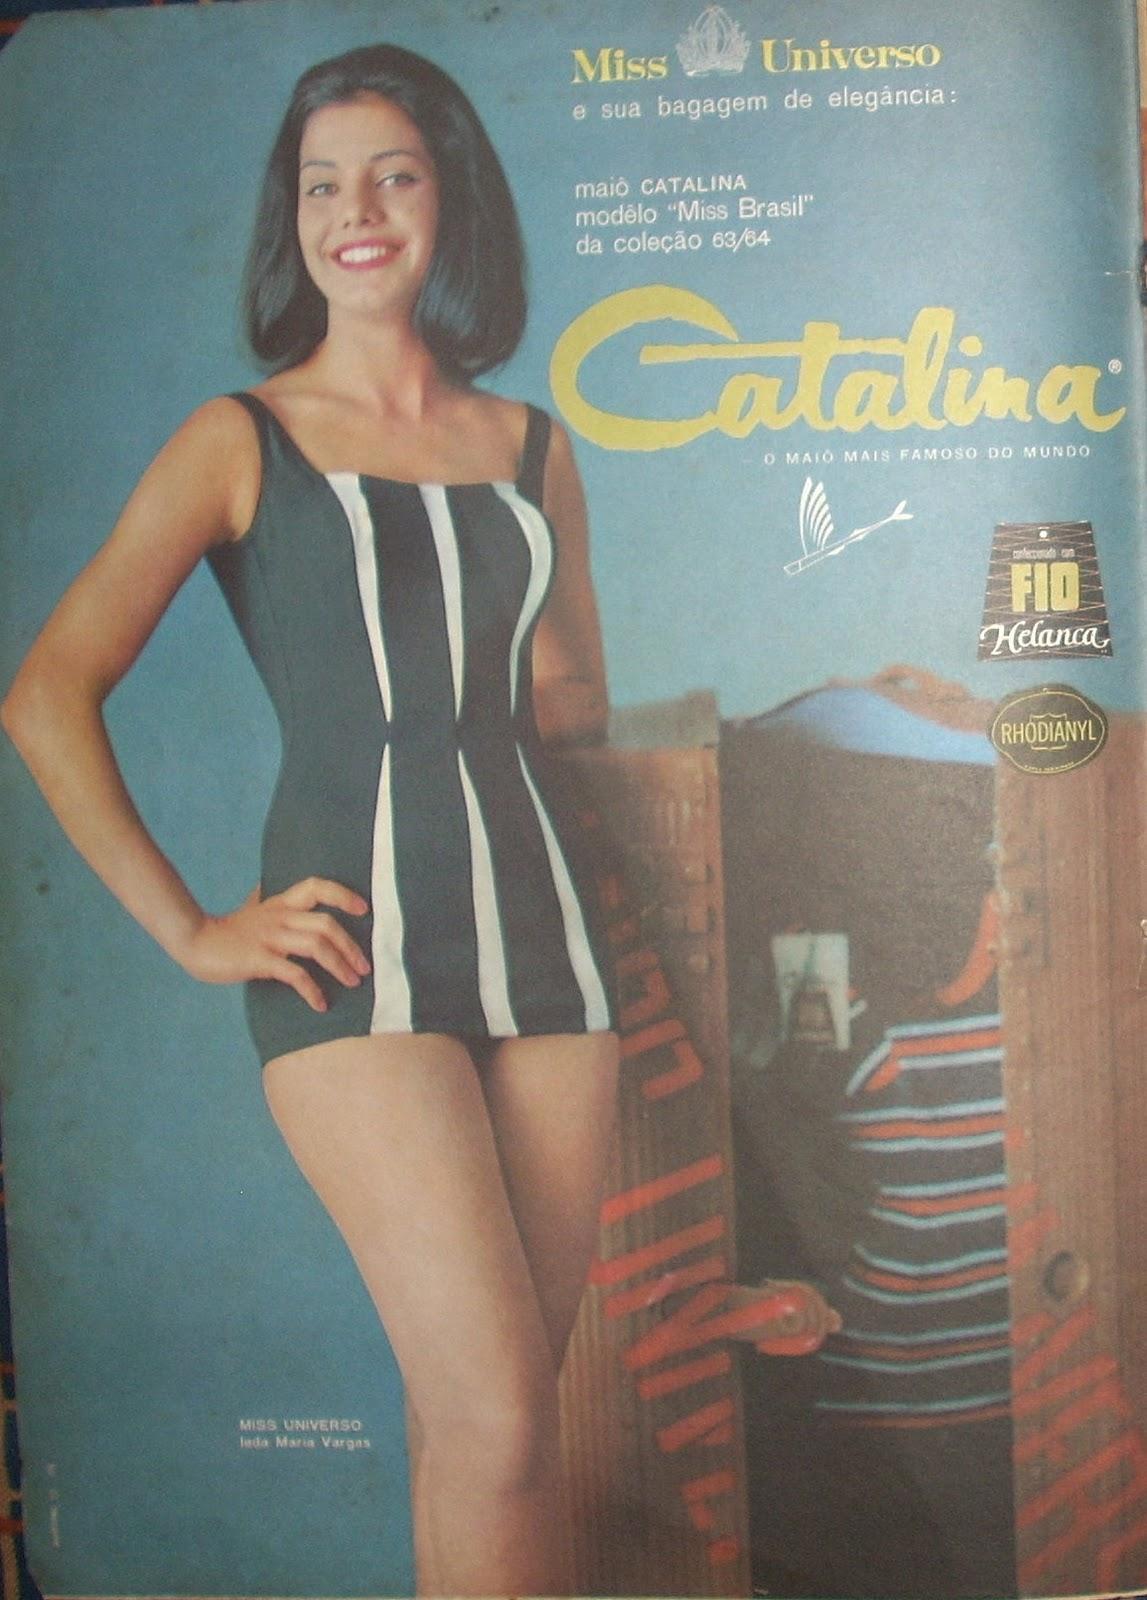 ✾◕‿◕✾ Galeria de Ieda Maria Vargas, Miss Universe 1963.✾◕‿◕✾ - Página 4 Propag11